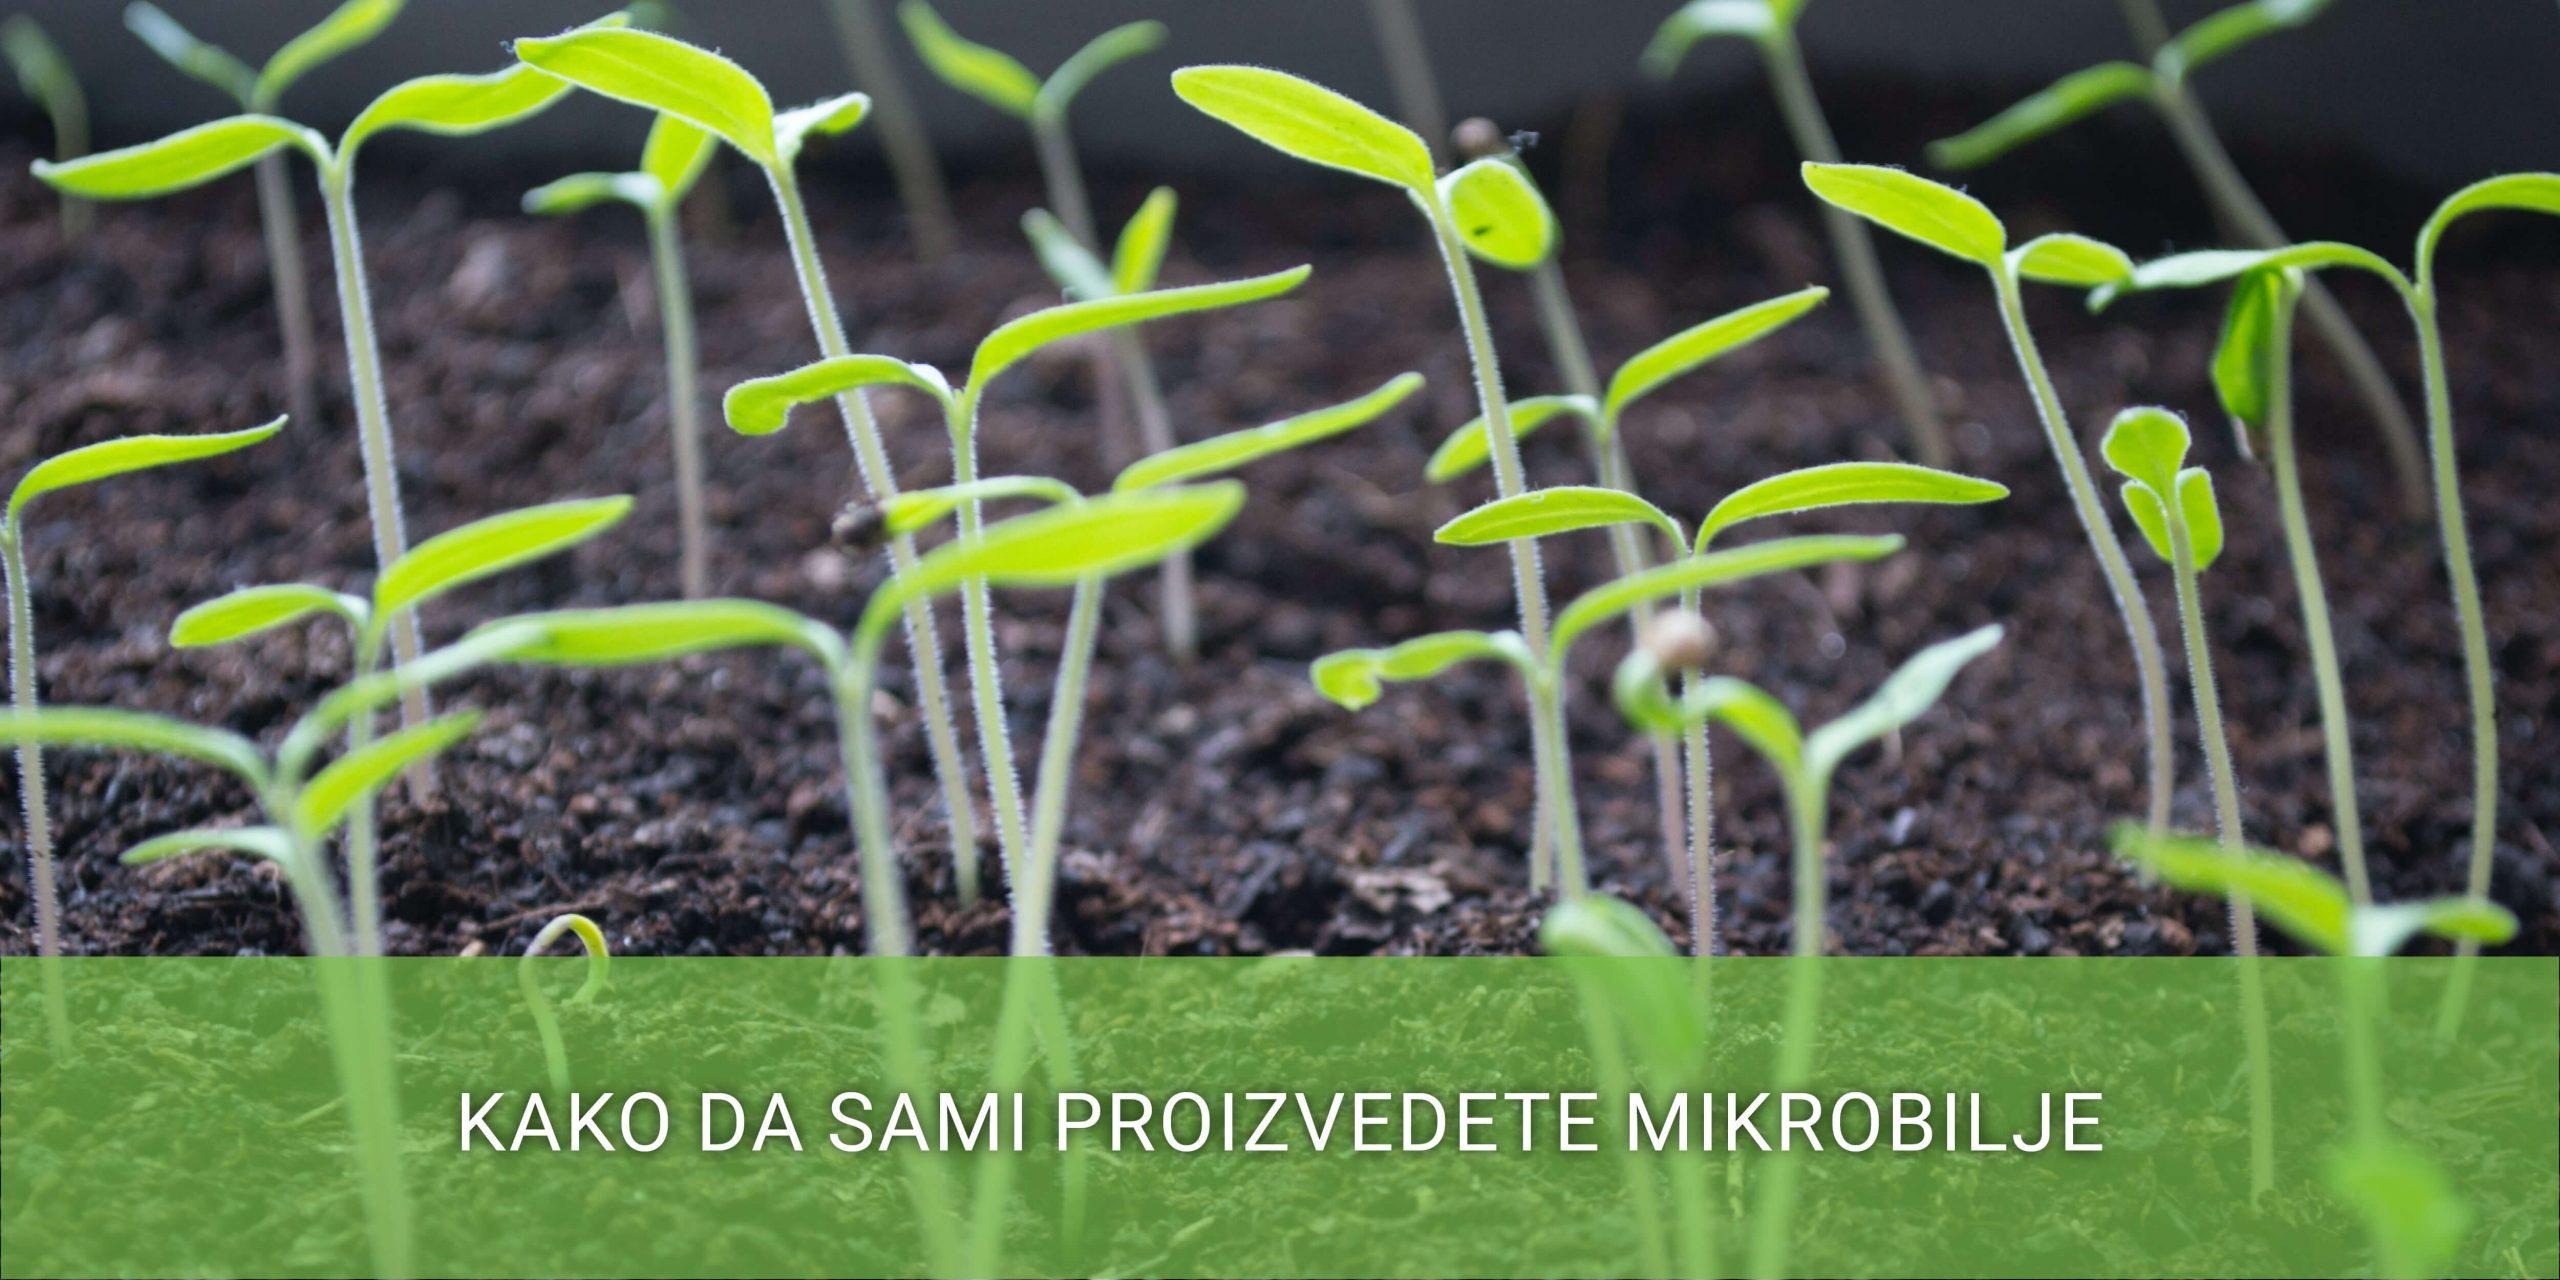 proizvodnja-mikrobilja